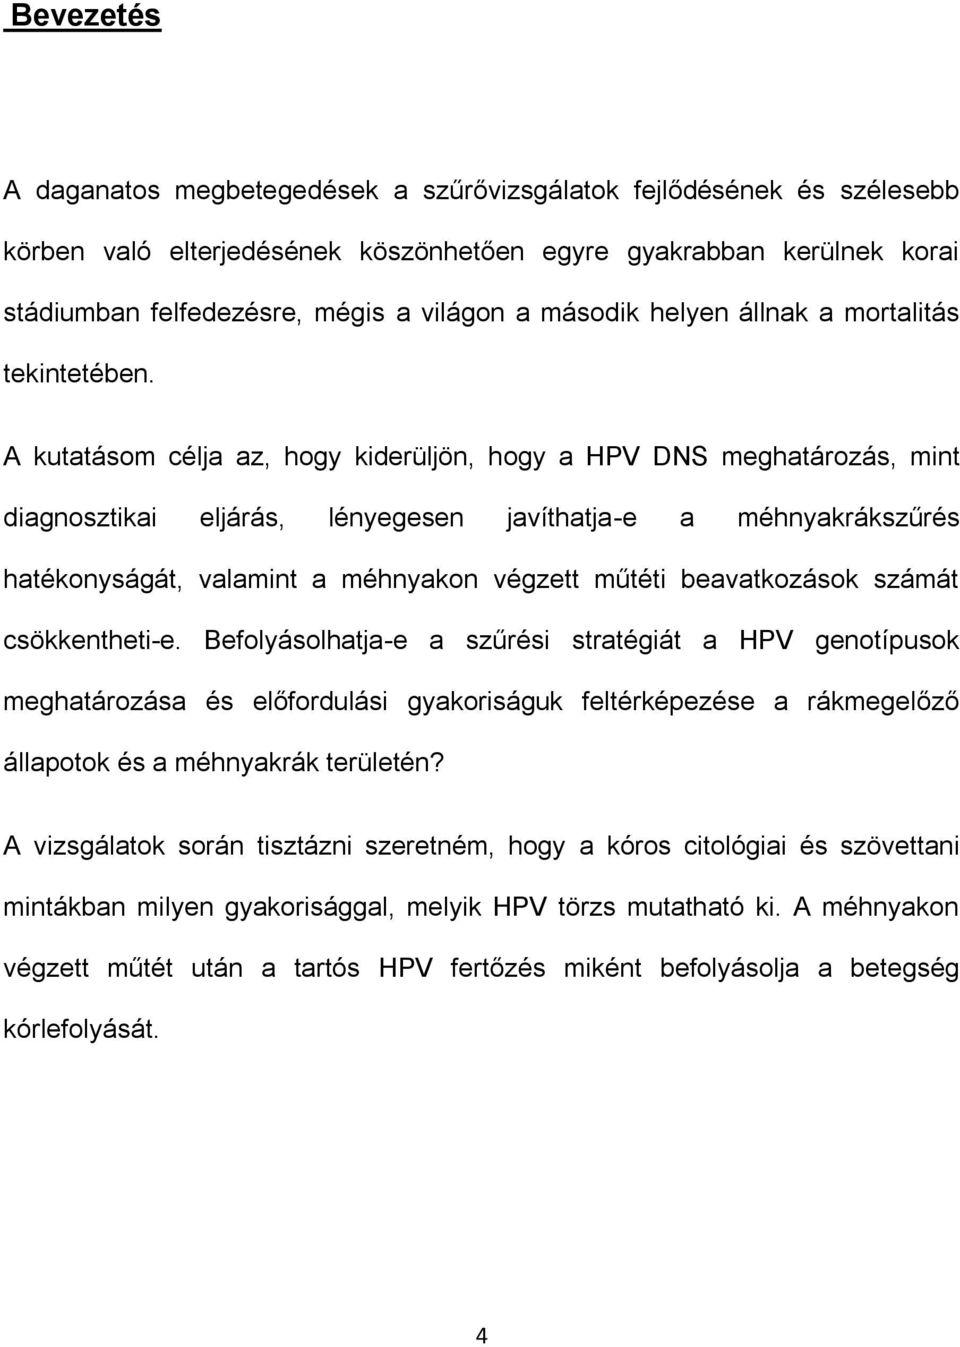 Papilloma genotípusok, Rákot okozó hpv genotípusok